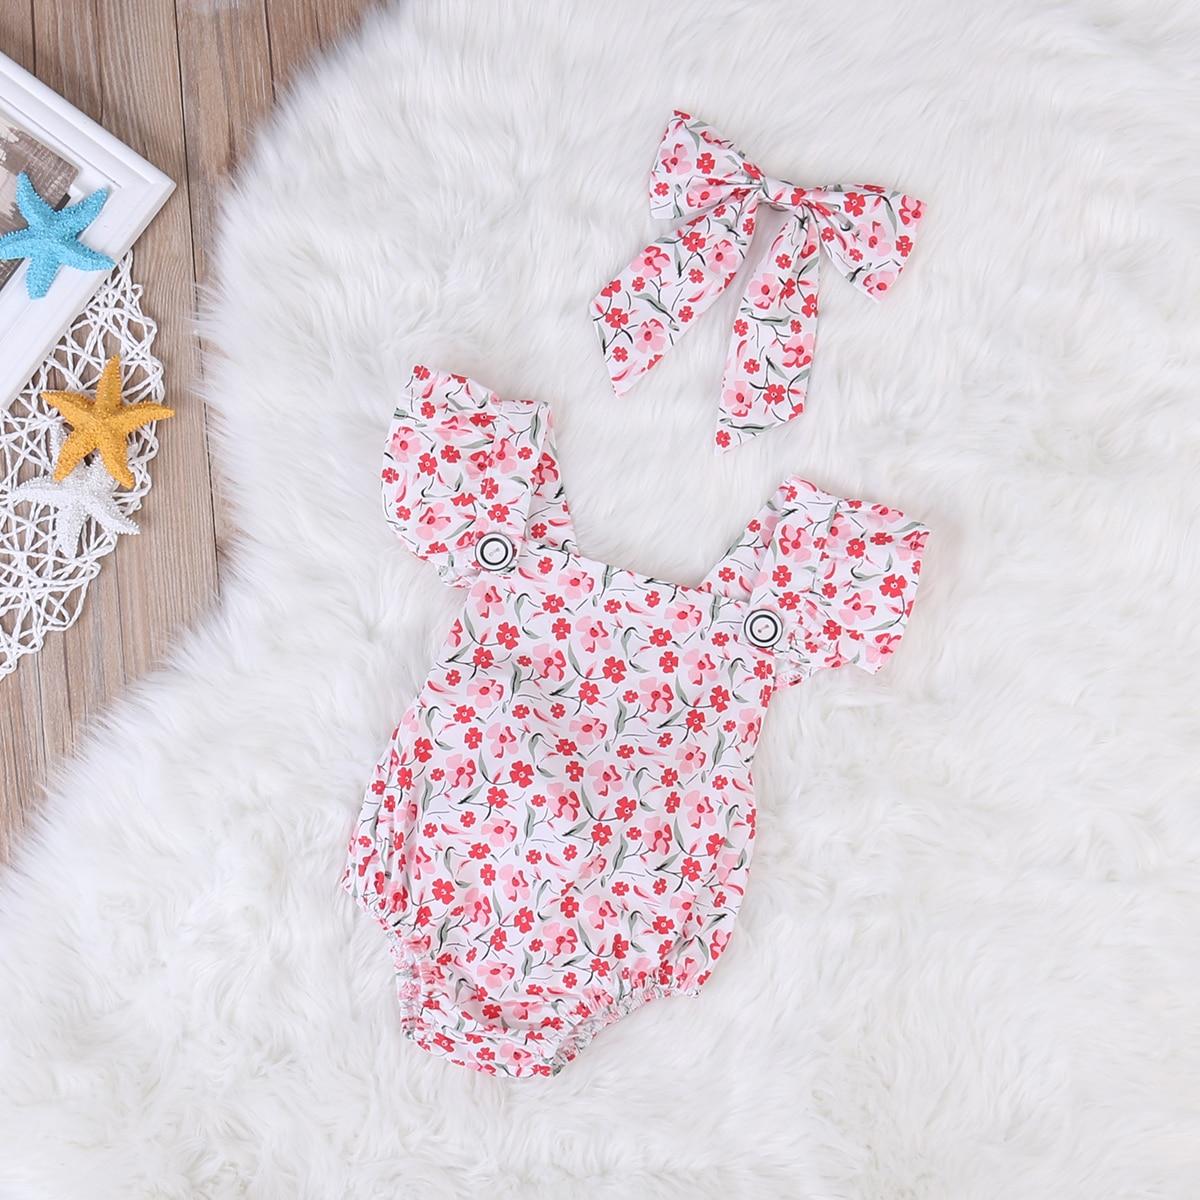 0-24M Floral Newborn Baby Girl Clothes Set Cute Bebe Jumpsuit Princess Outfits Romper Bodysuit +Headband Bow 2PCS Summer Suit  недорого